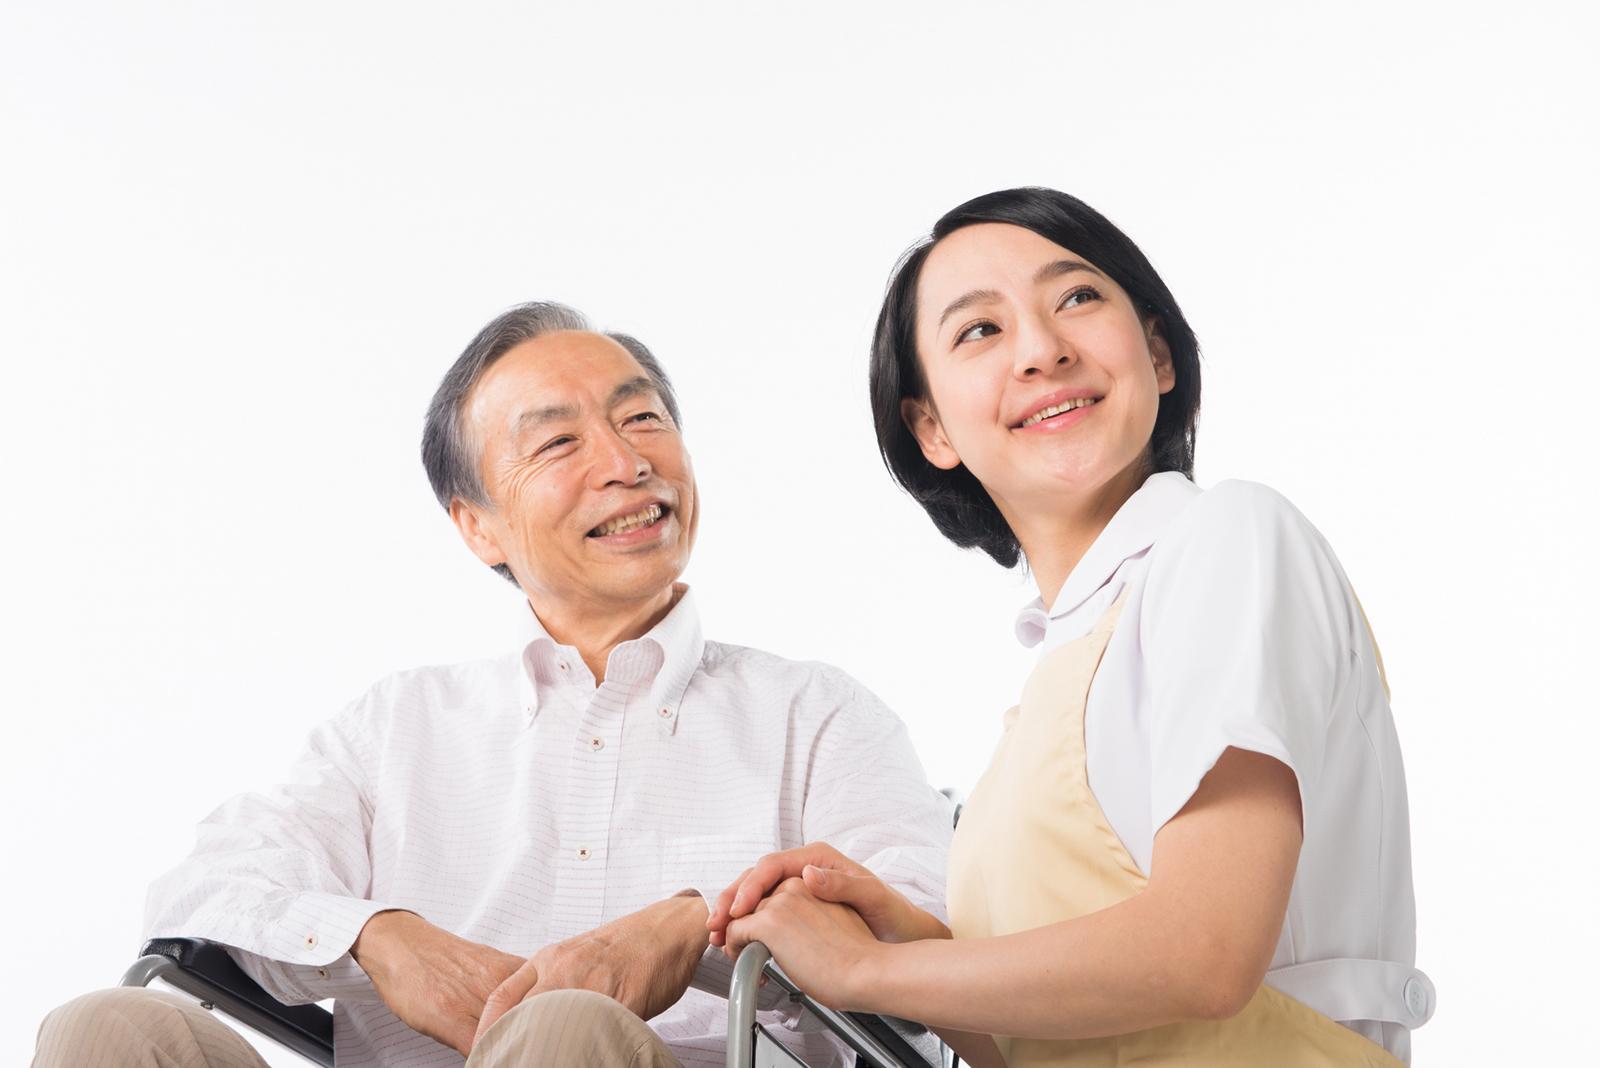 【介護職員】働き方はアナタが決める!育児・家事両立ラクラク♪